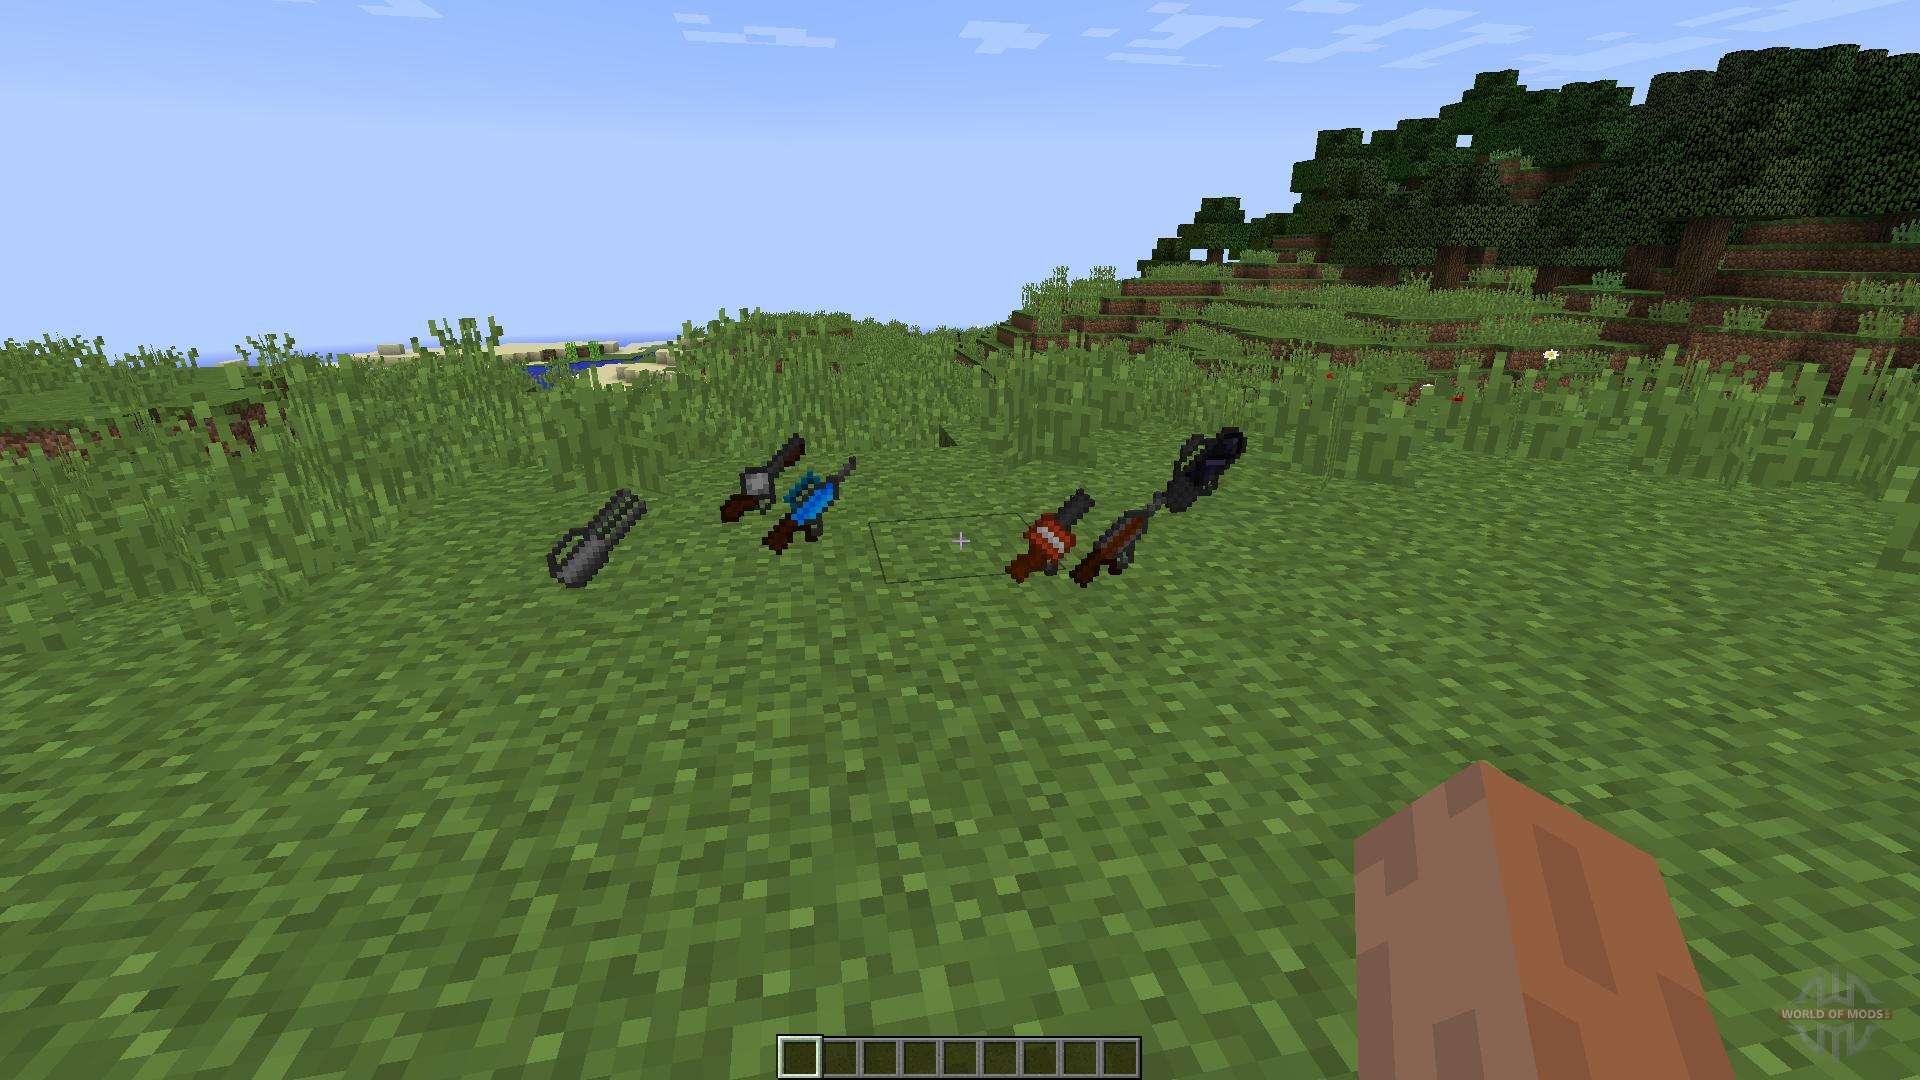 скачать исходник лаунчера minecraft 1.7.10 #10